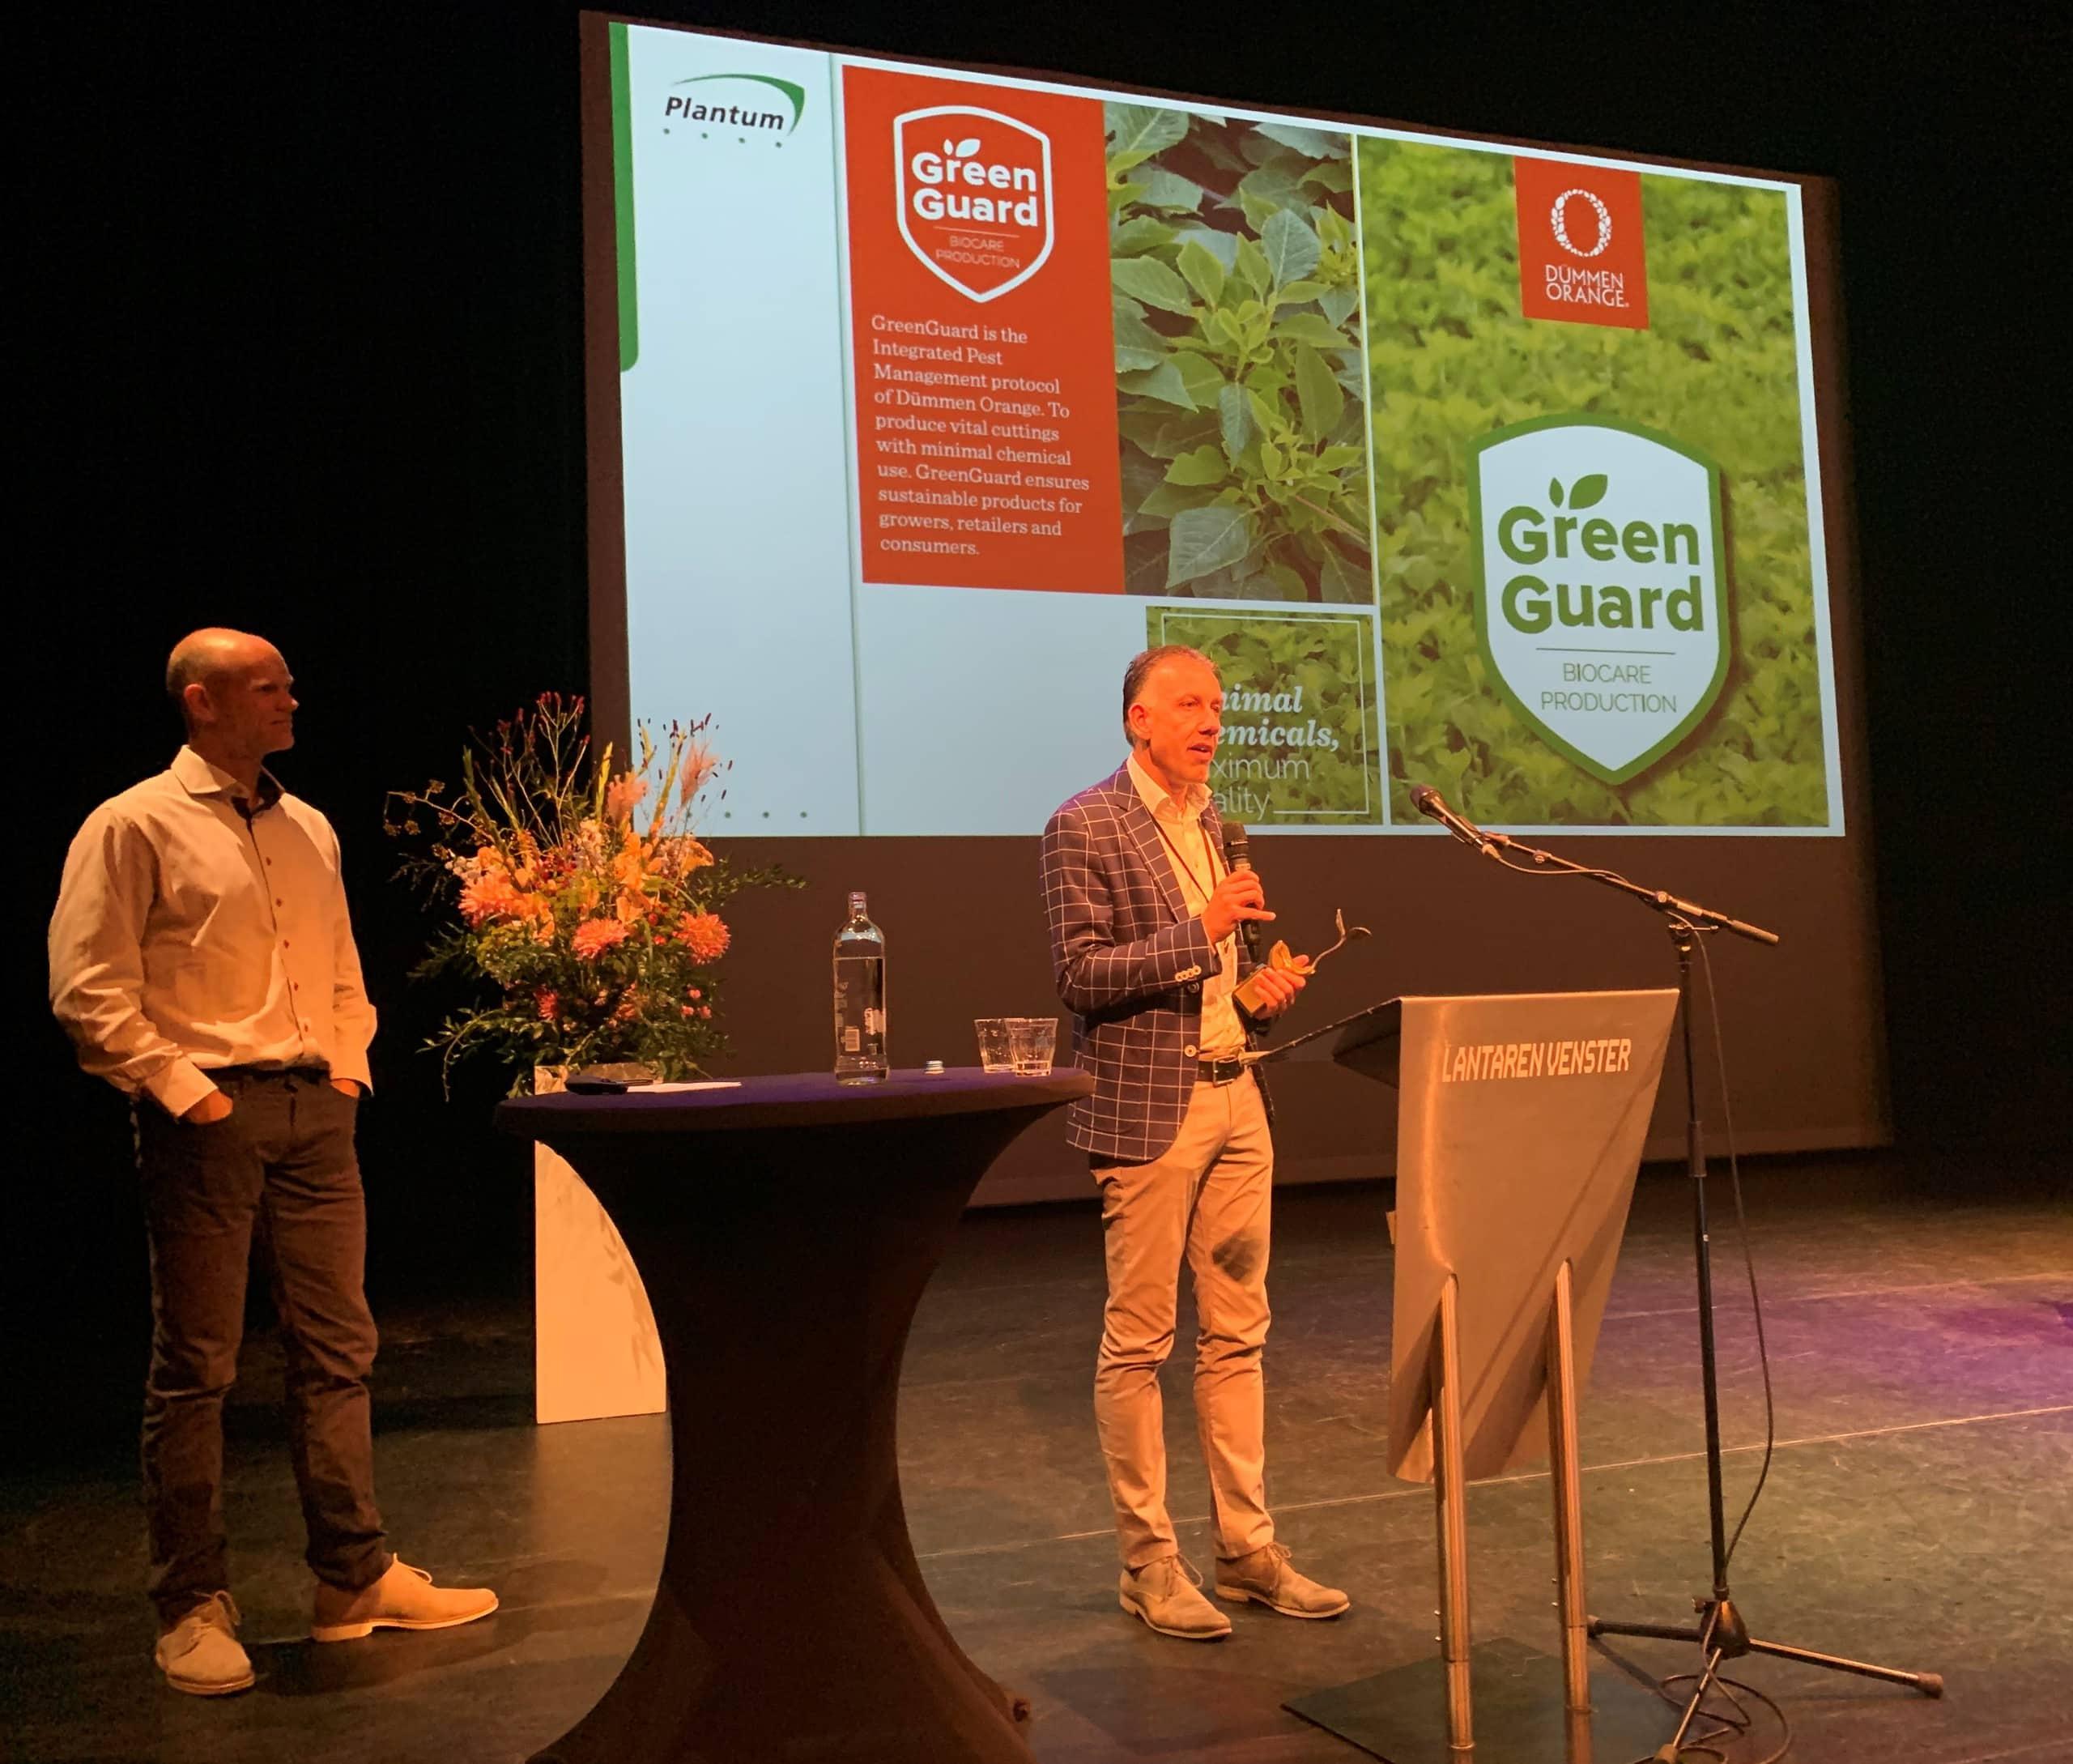 Dummen Orange wint Plantum Duurzaamheidsprijs